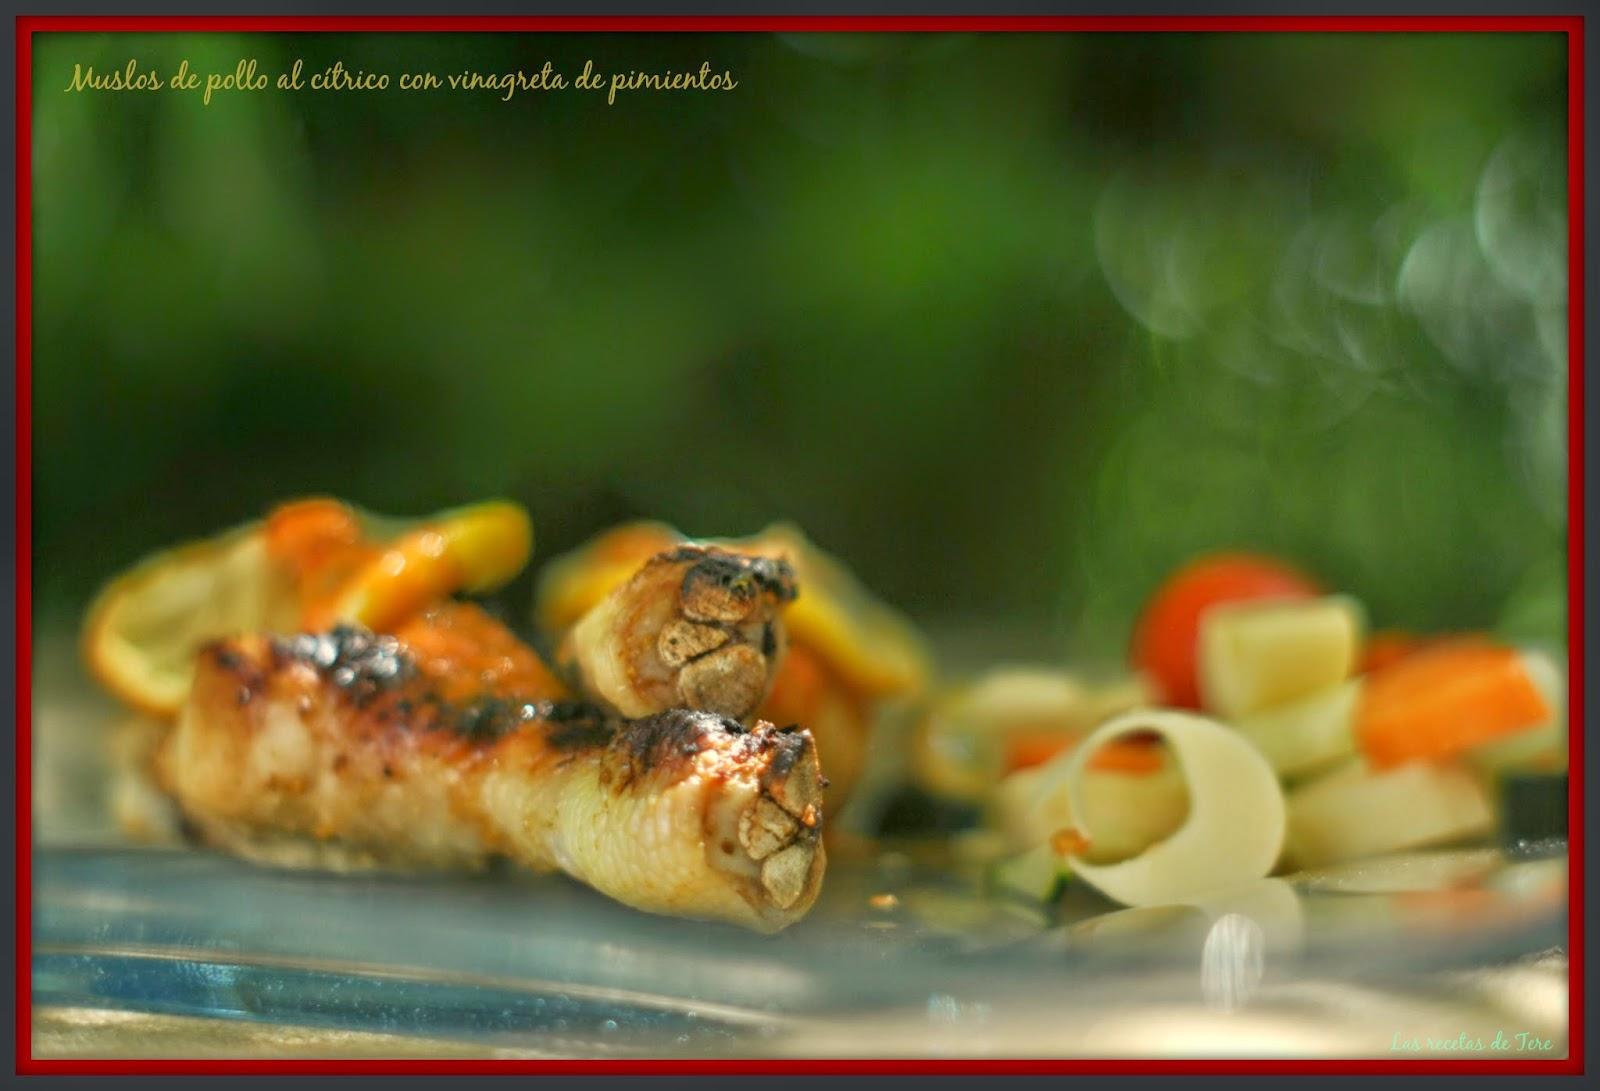 Muslos de pollo al cítrico con vinagreta de pimientos 04